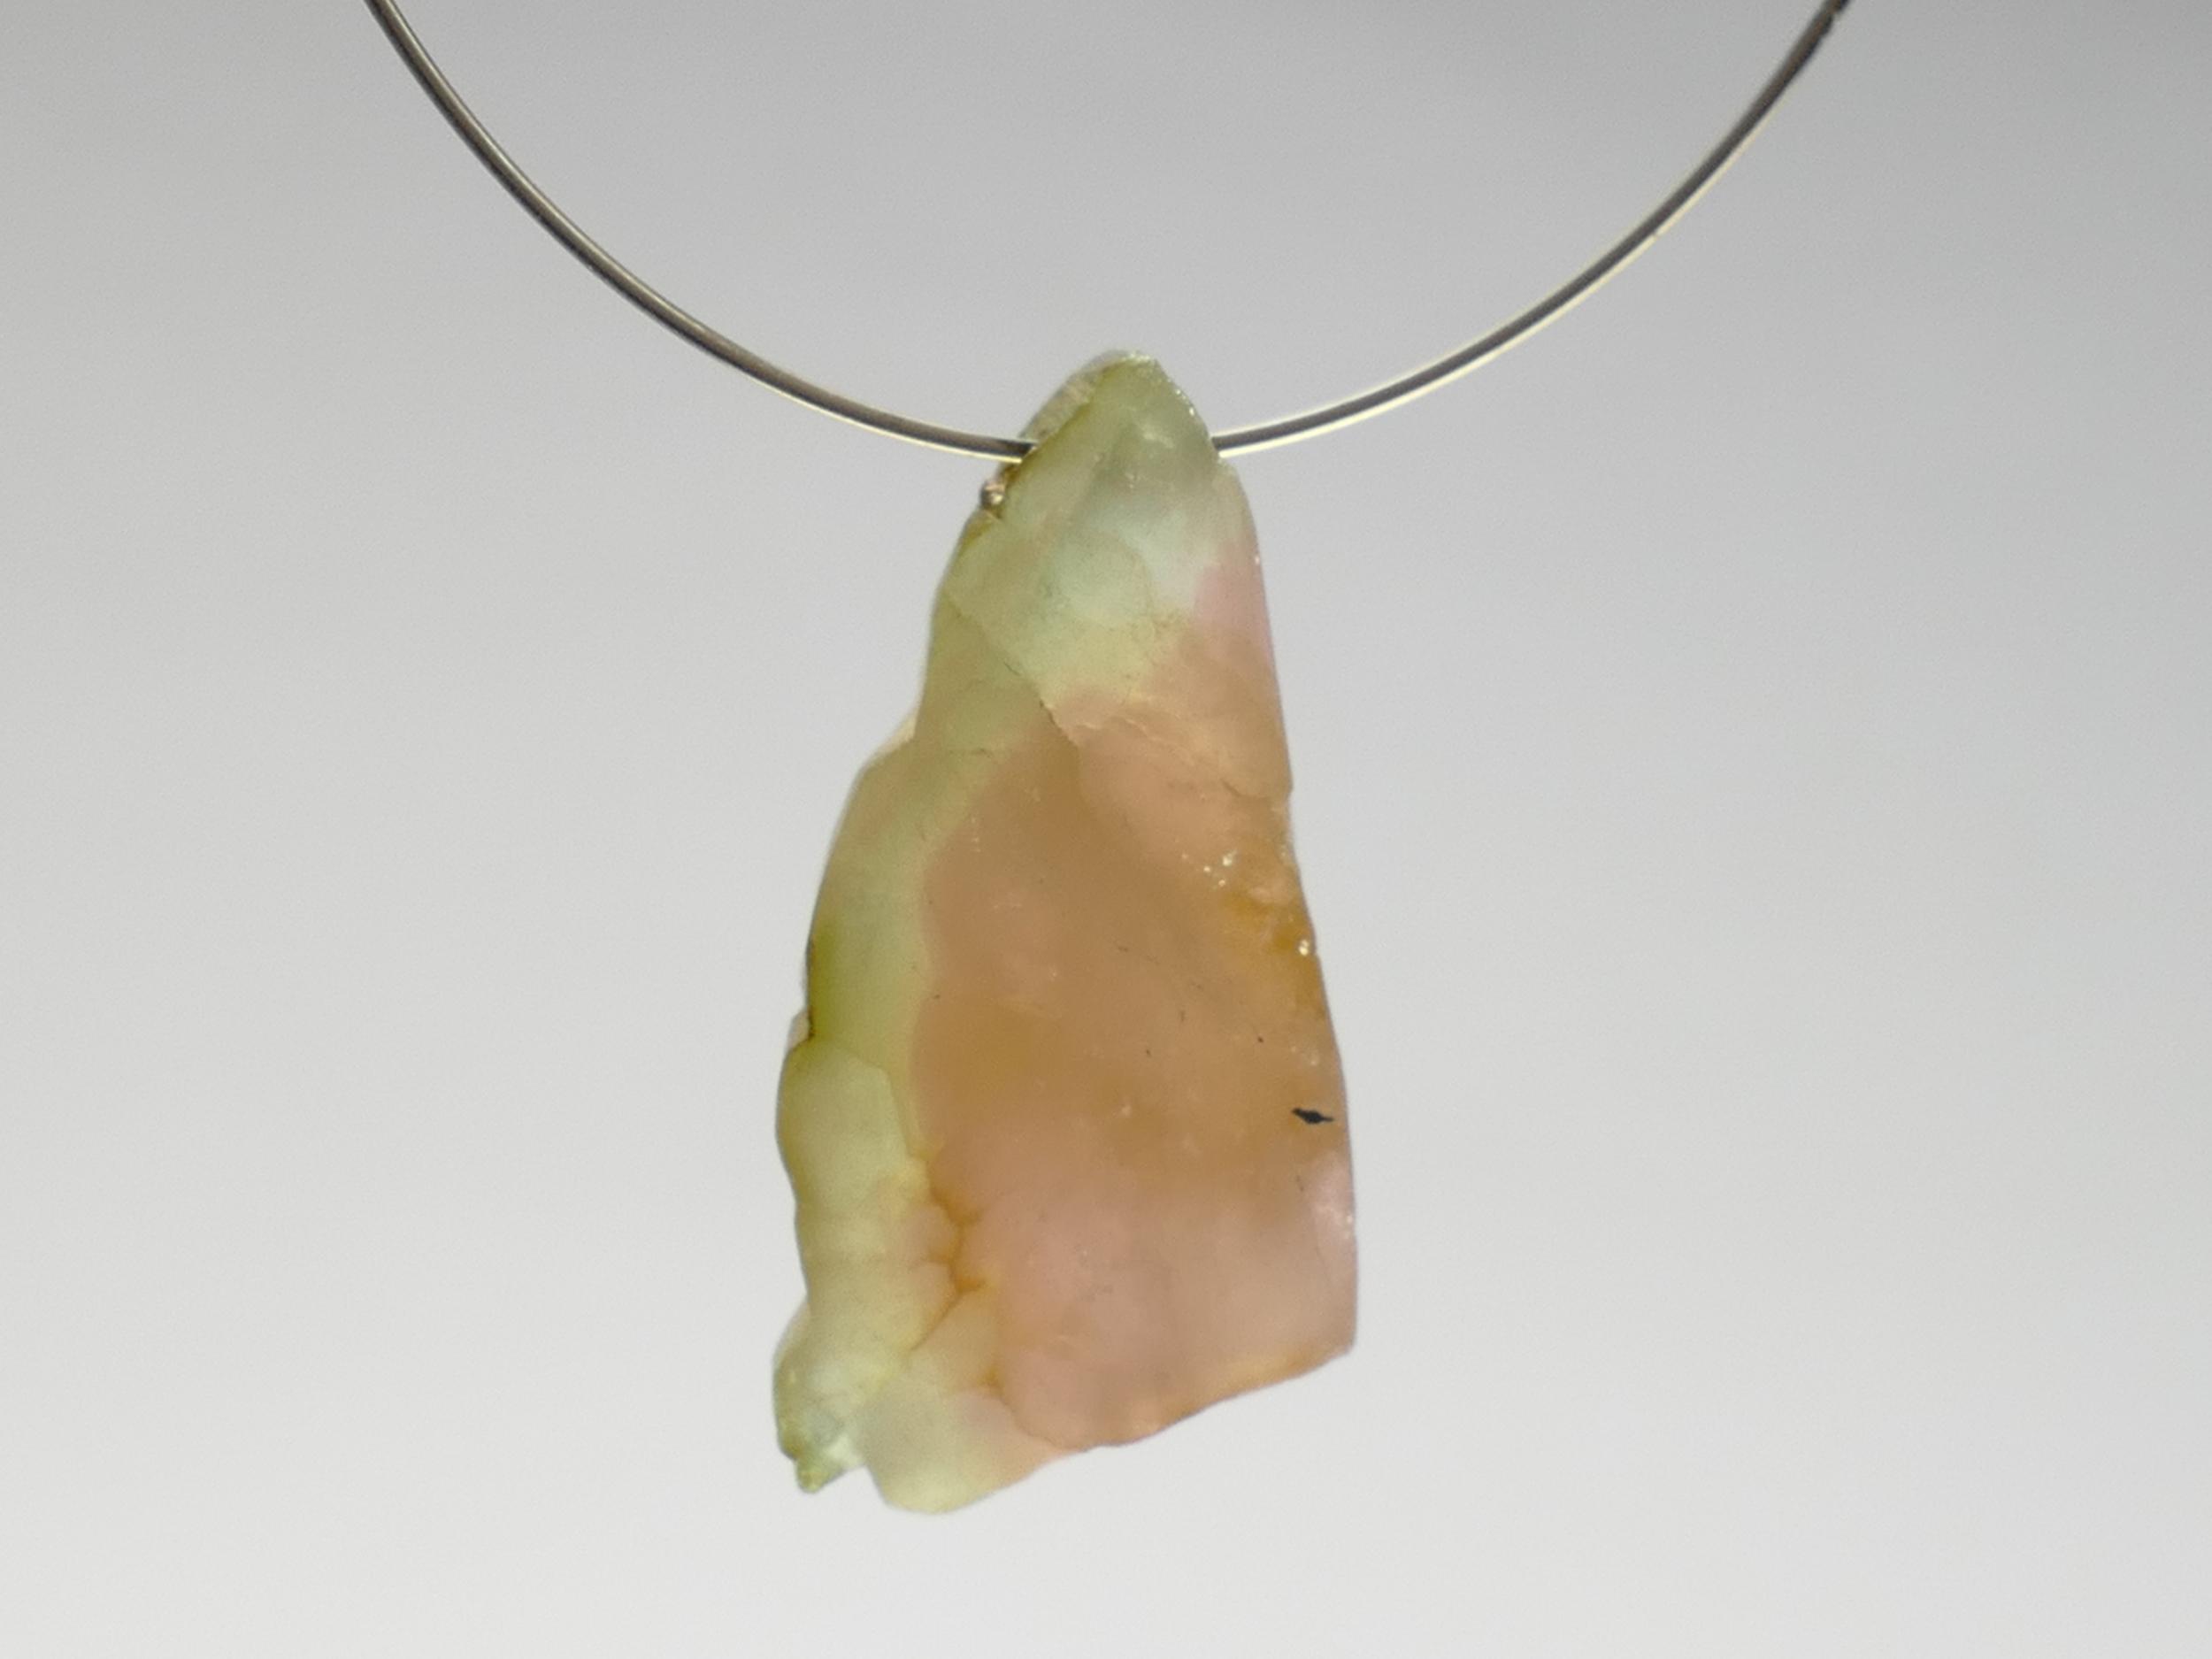 17.5x9x4.3mm Perle de Tourmaline brute naturelle facettée verte et rose percée du Brésil (#PF236)